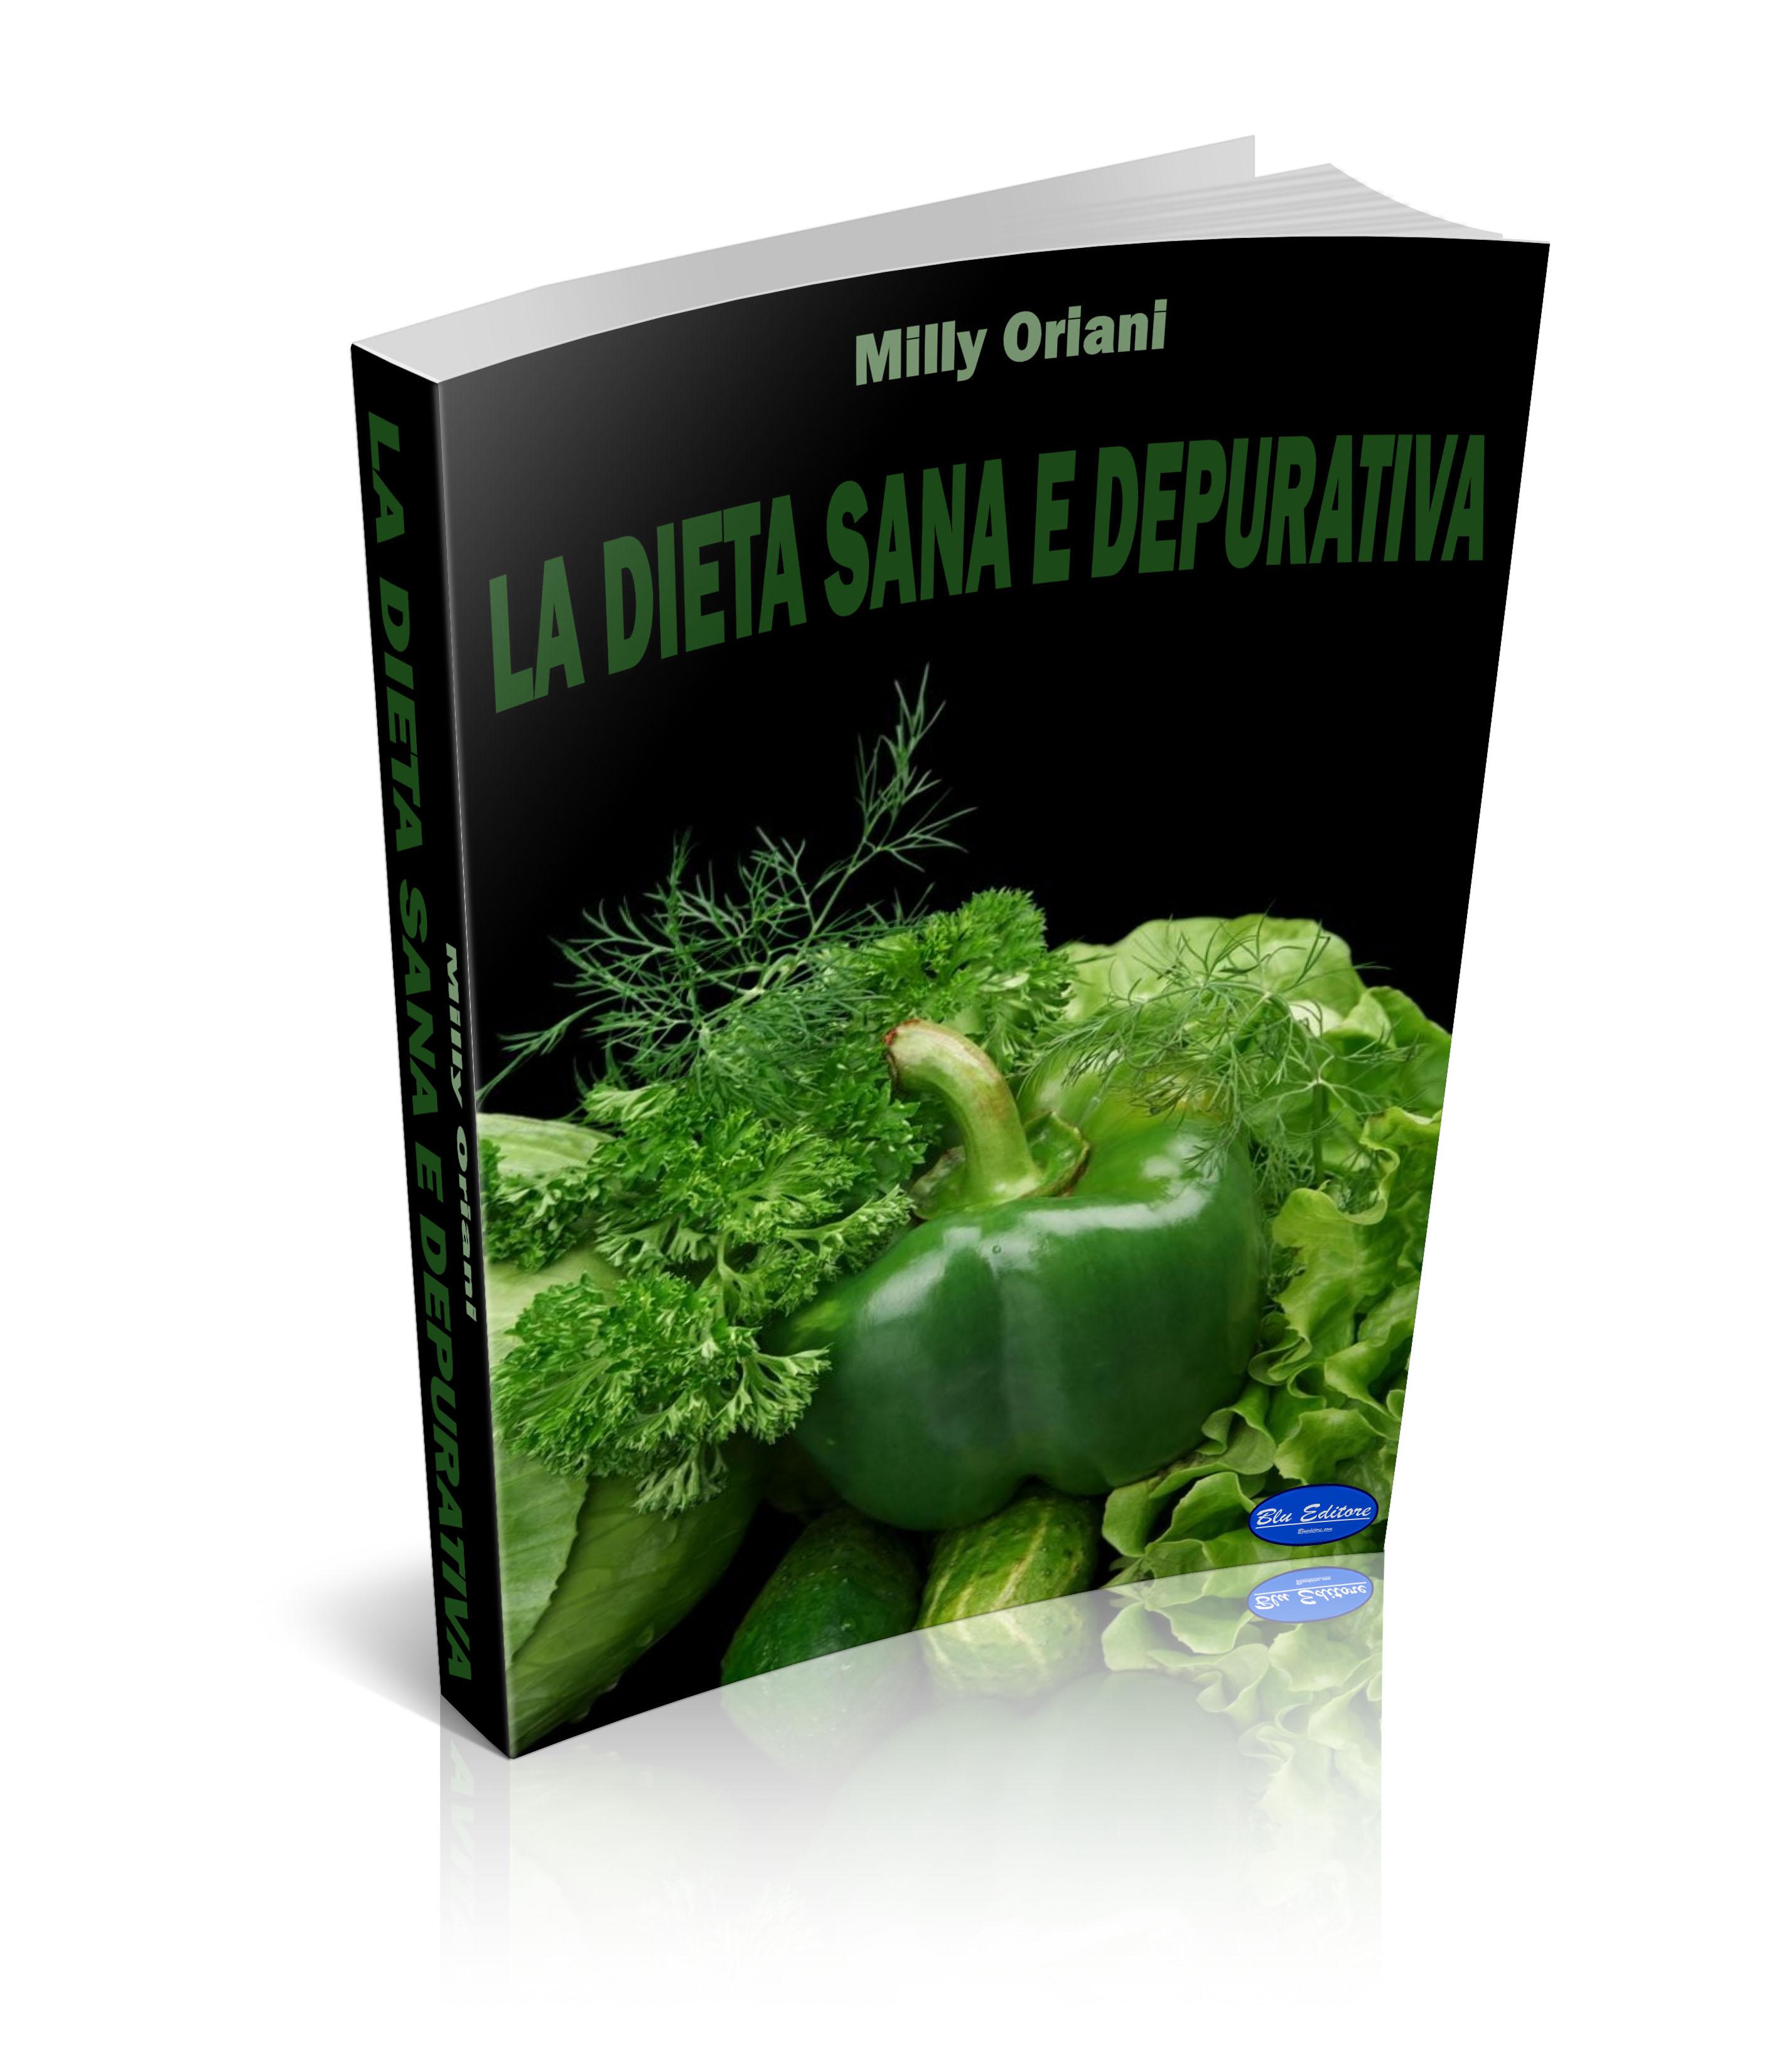 La dieta sana e depurativa